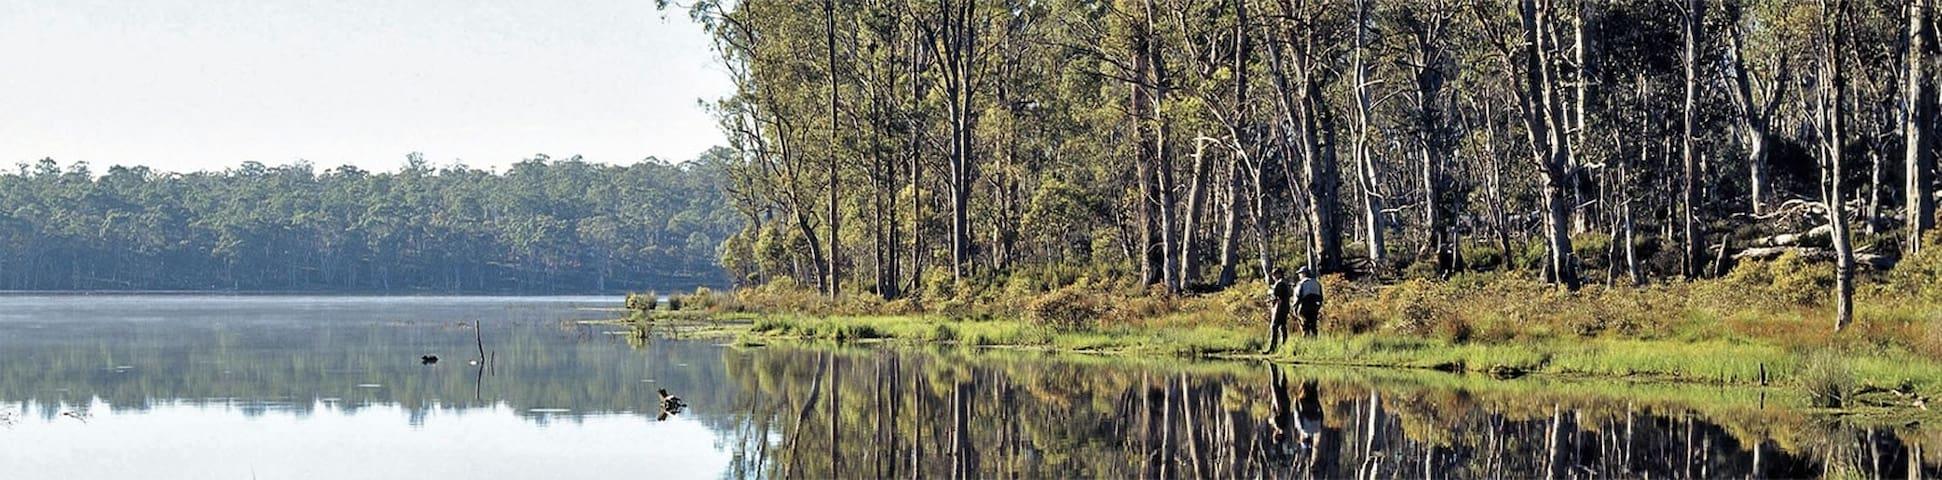 Guidebook for Miena, Tasmania